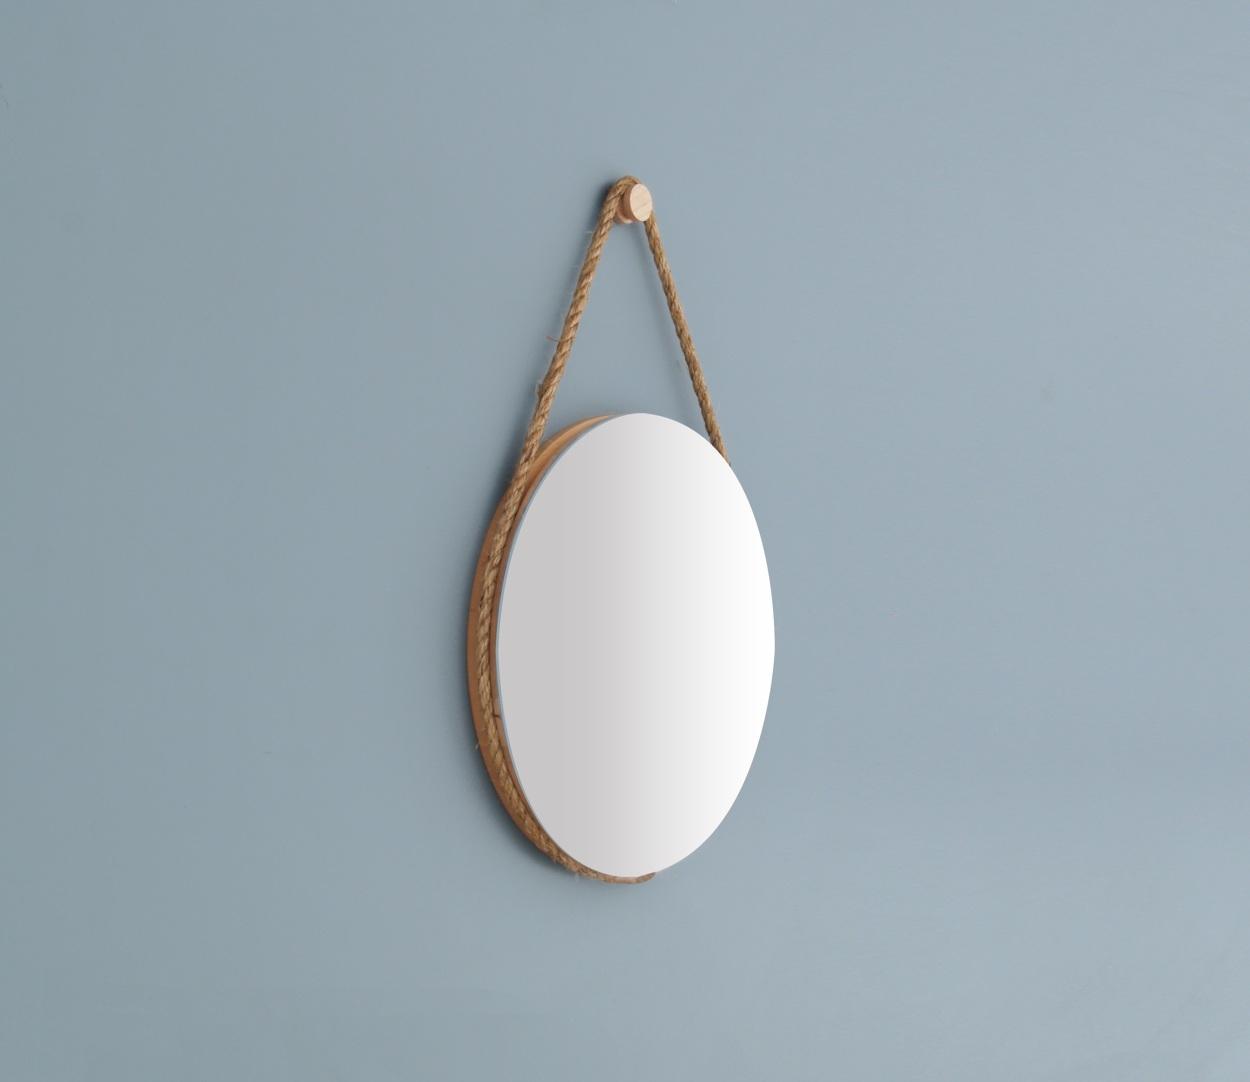 Hanging Mirror Maple  2012  Lukas Peet Design